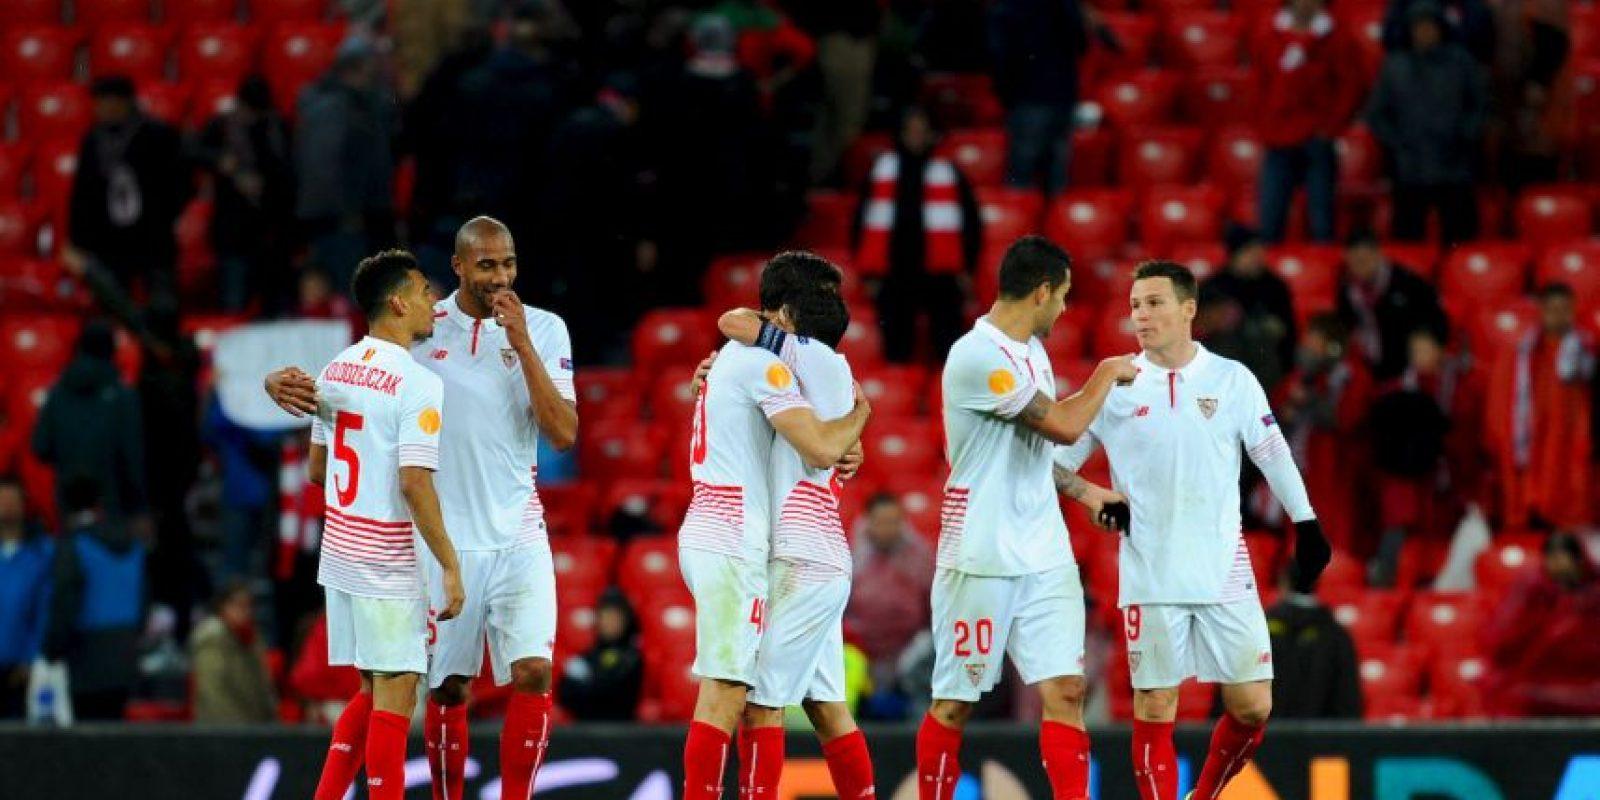 Los españoles son los actuales bicampeones del torneo Foto:Getty Images